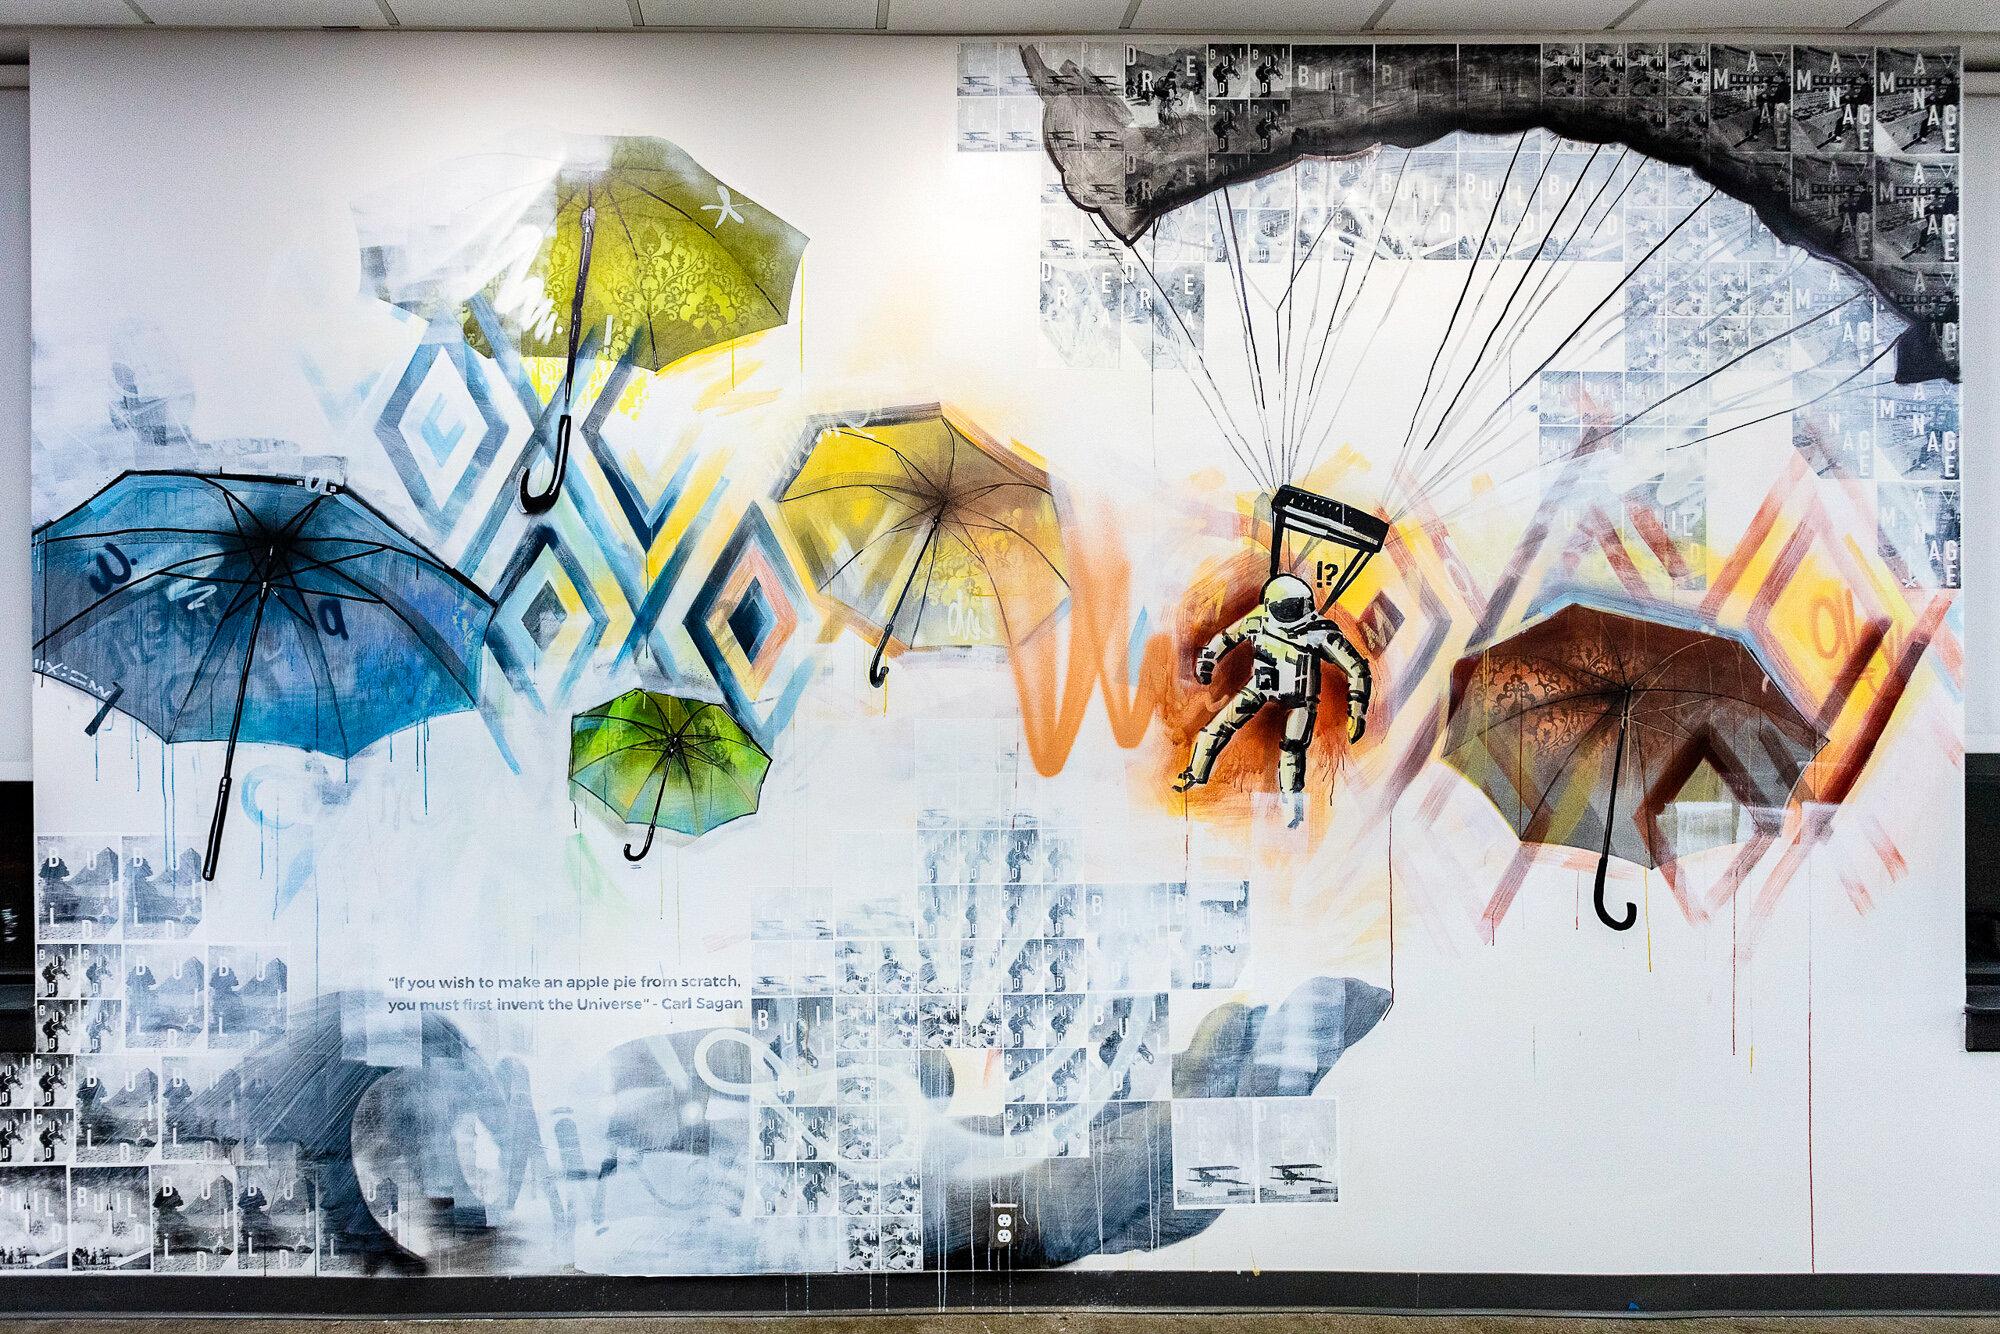 vltrr-detroit-collage-john-sippel-art-mural-wetiko-wheatpaste-3.jpg